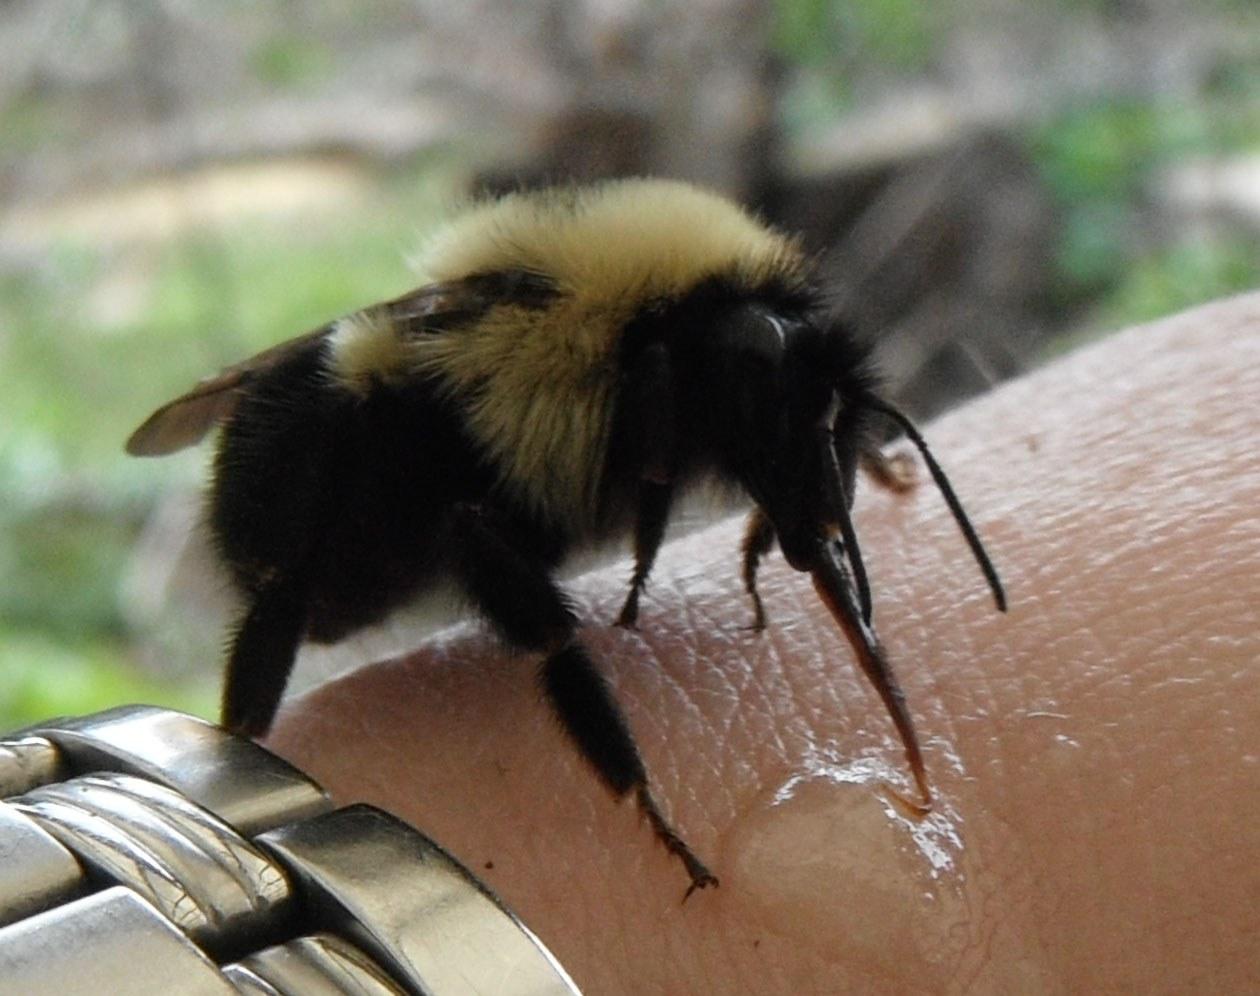 Укус шмеля и его последствия: что делать в домашних условиях, если укусило опасное насекомое?